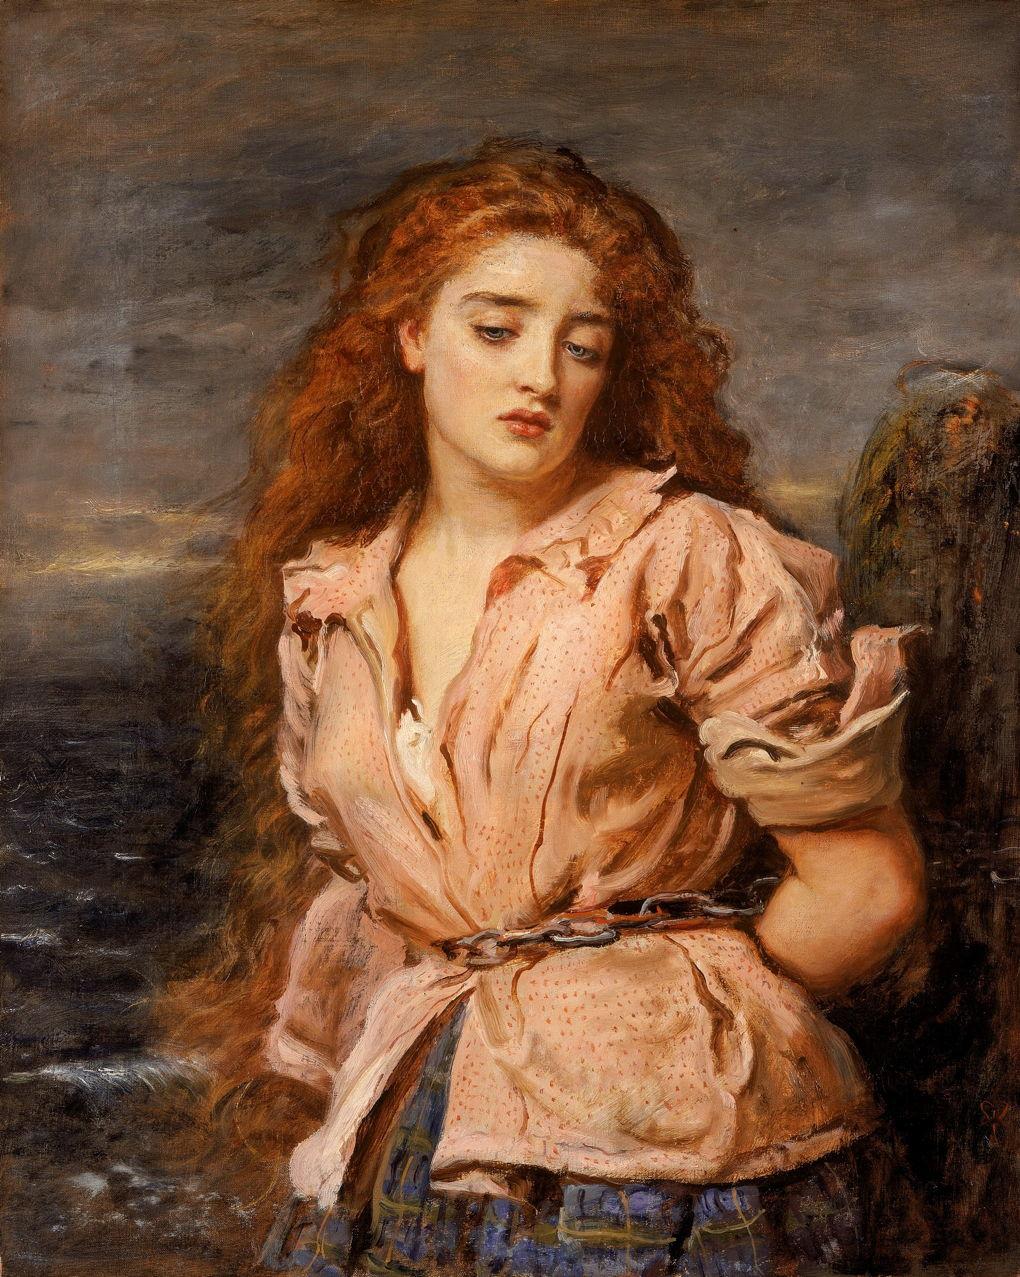 Wilson Margaret John Everett Millais